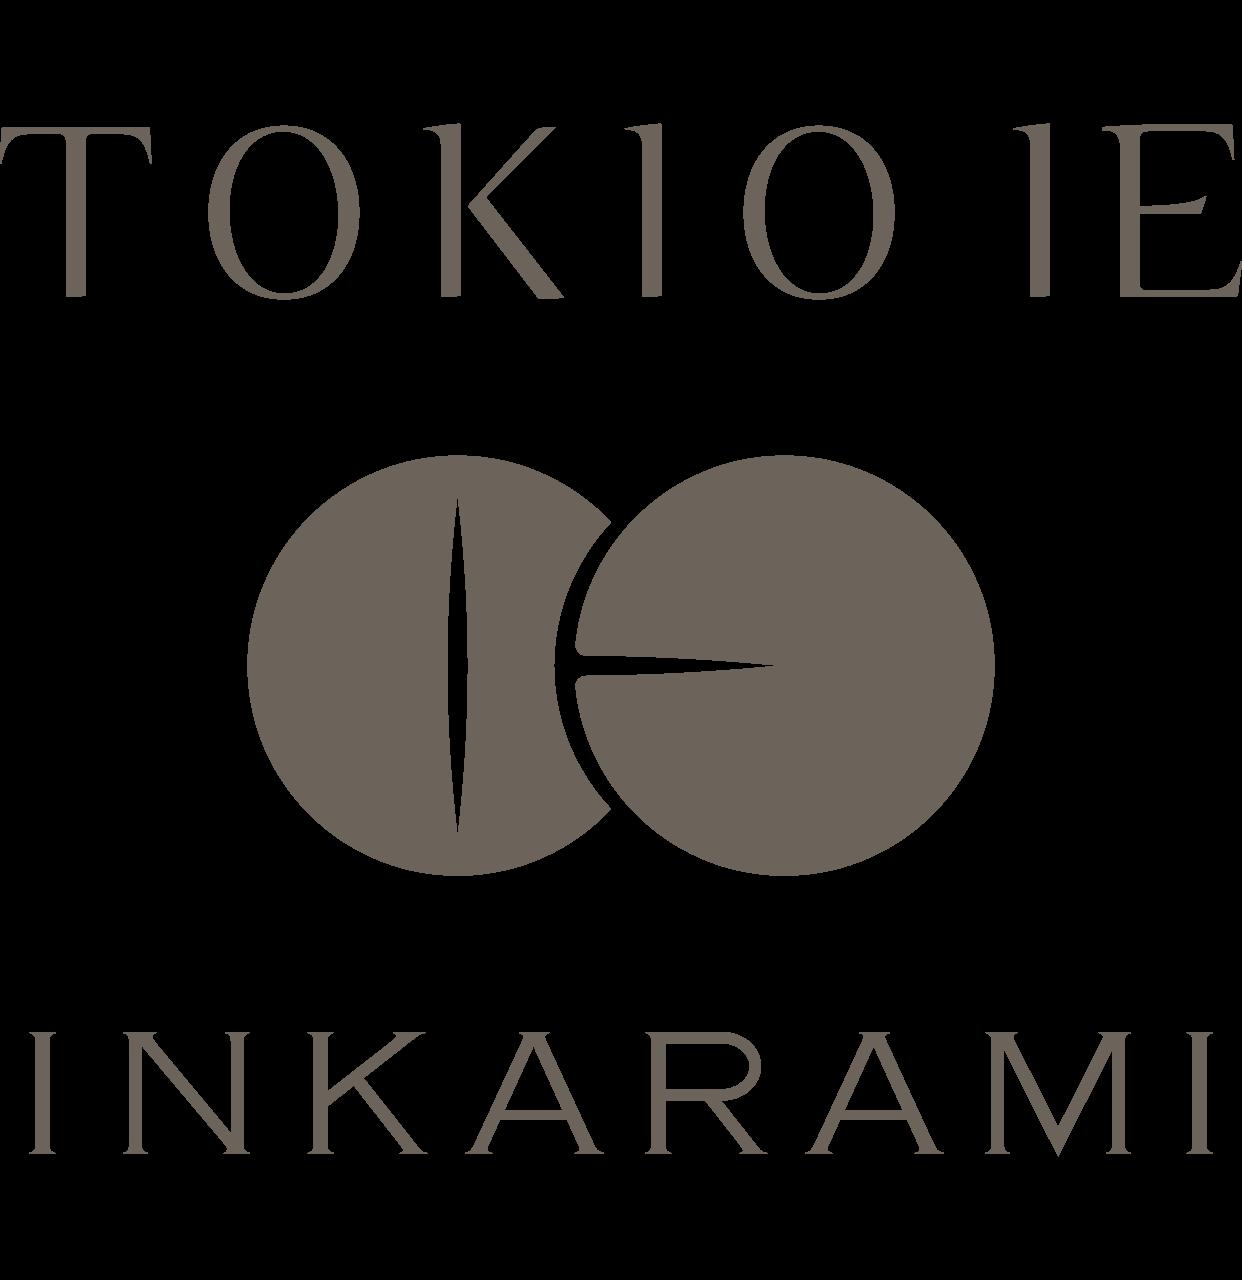 TOKIO IE INKARAMI